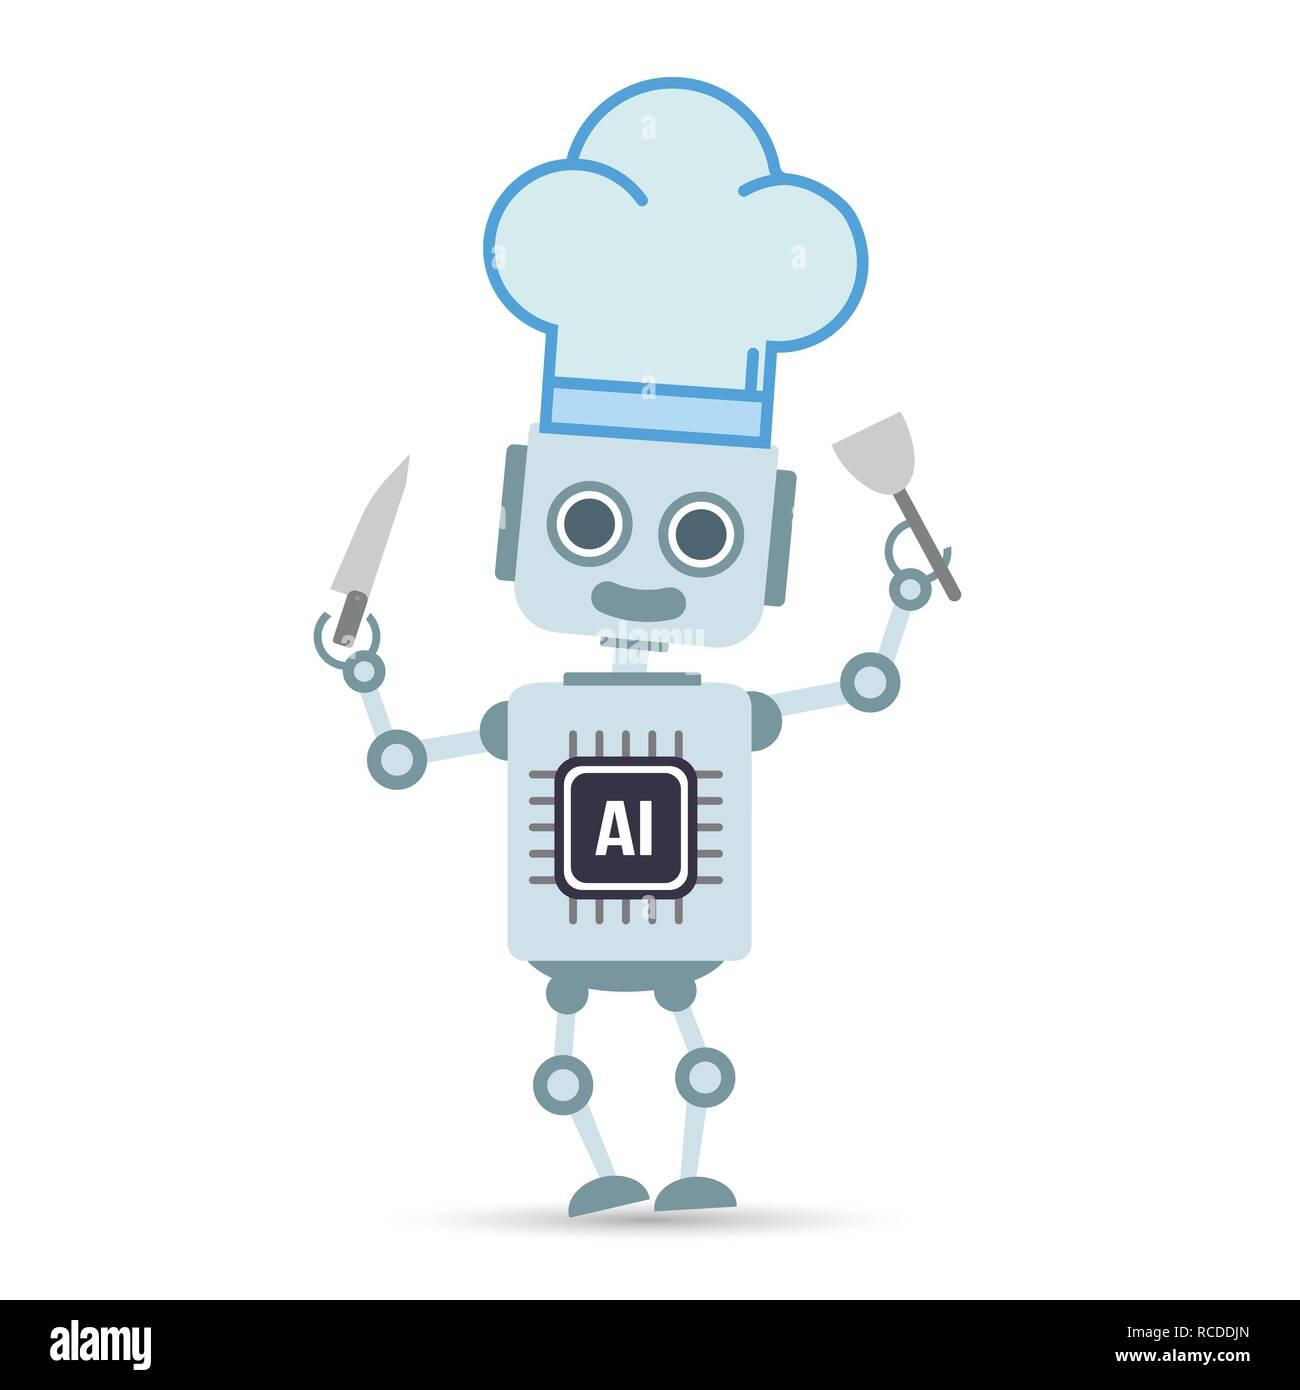 La technologie d'intelligence artificielle ia robot est la cuisson des aliments élément design illustration vecteur eps10 Illustration de Vecteur